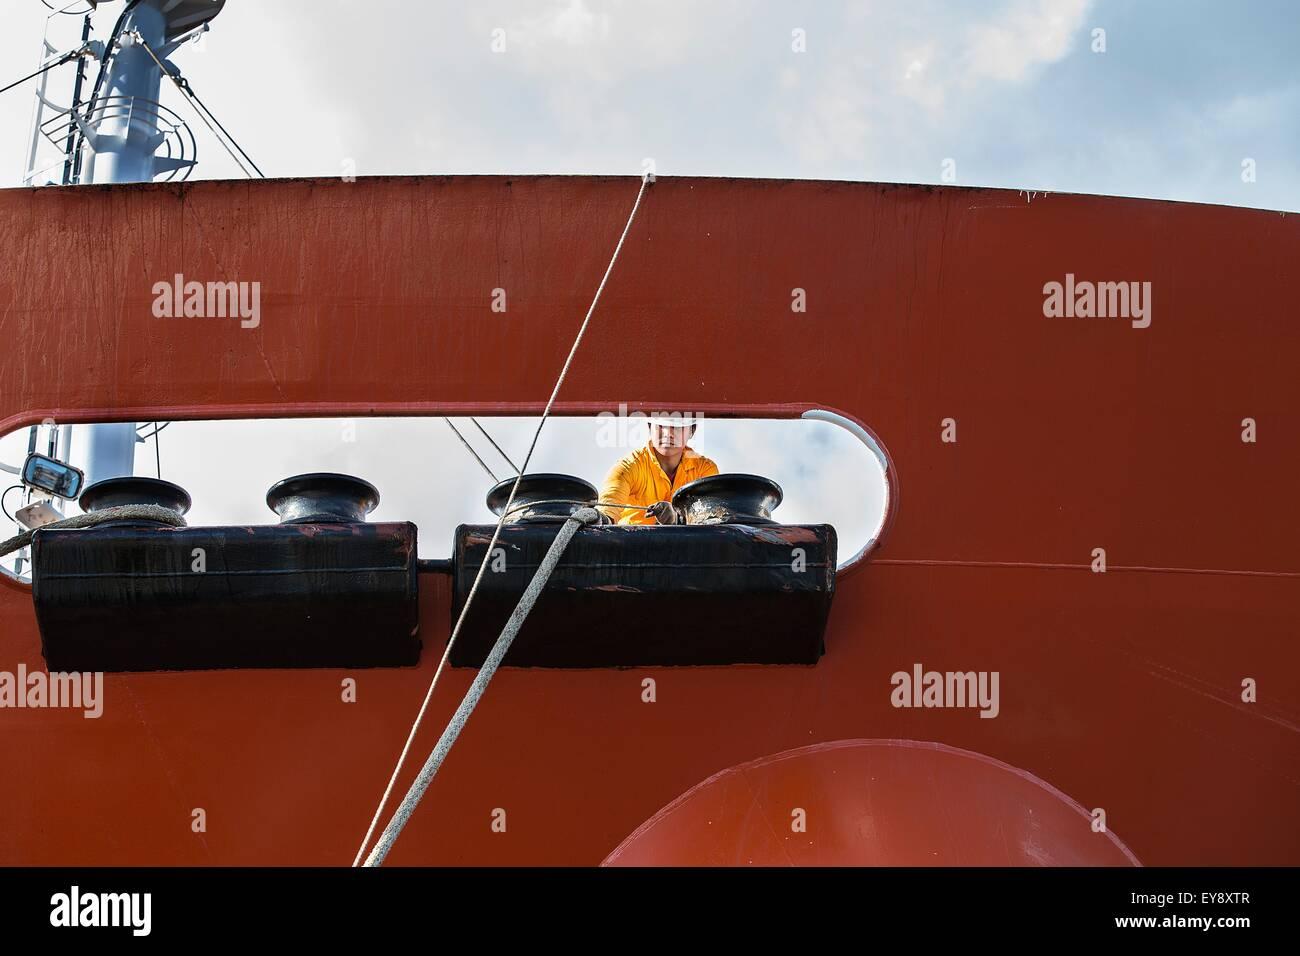 La fixation des câbles d'amarrage à travailleur posts sur pont de pétroliers Photo Stock